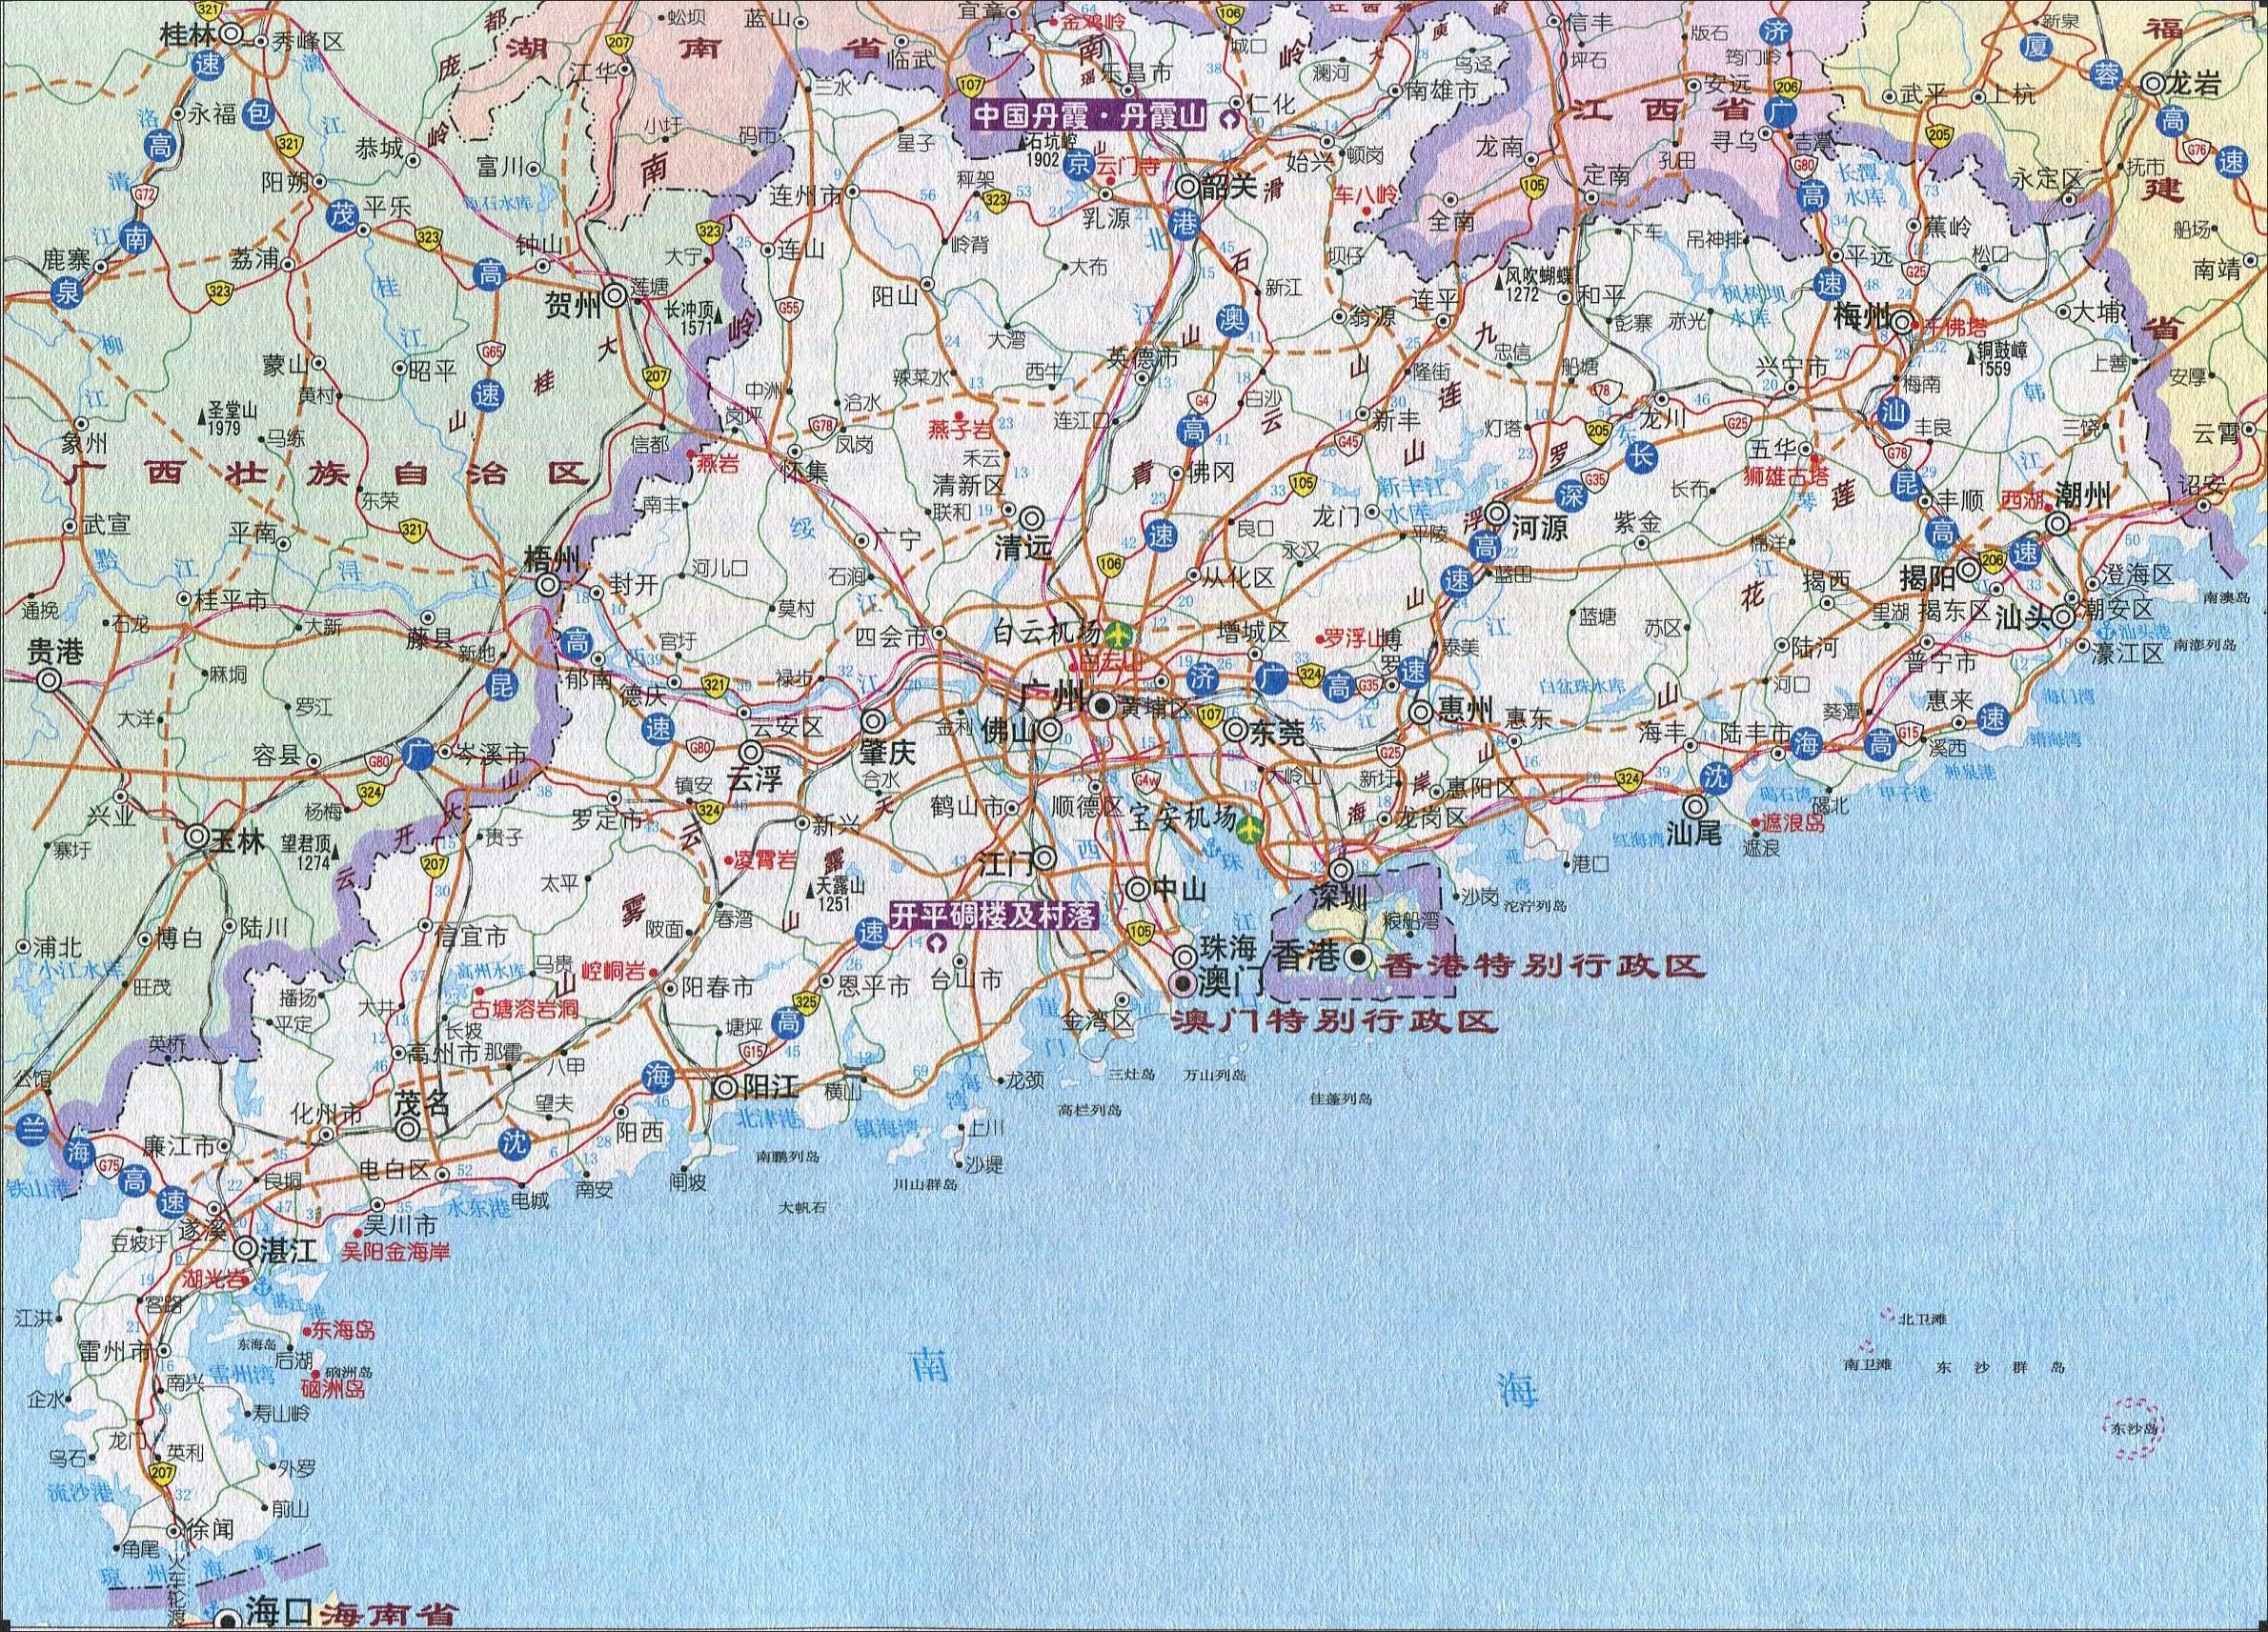 内蒙古景点地图全图